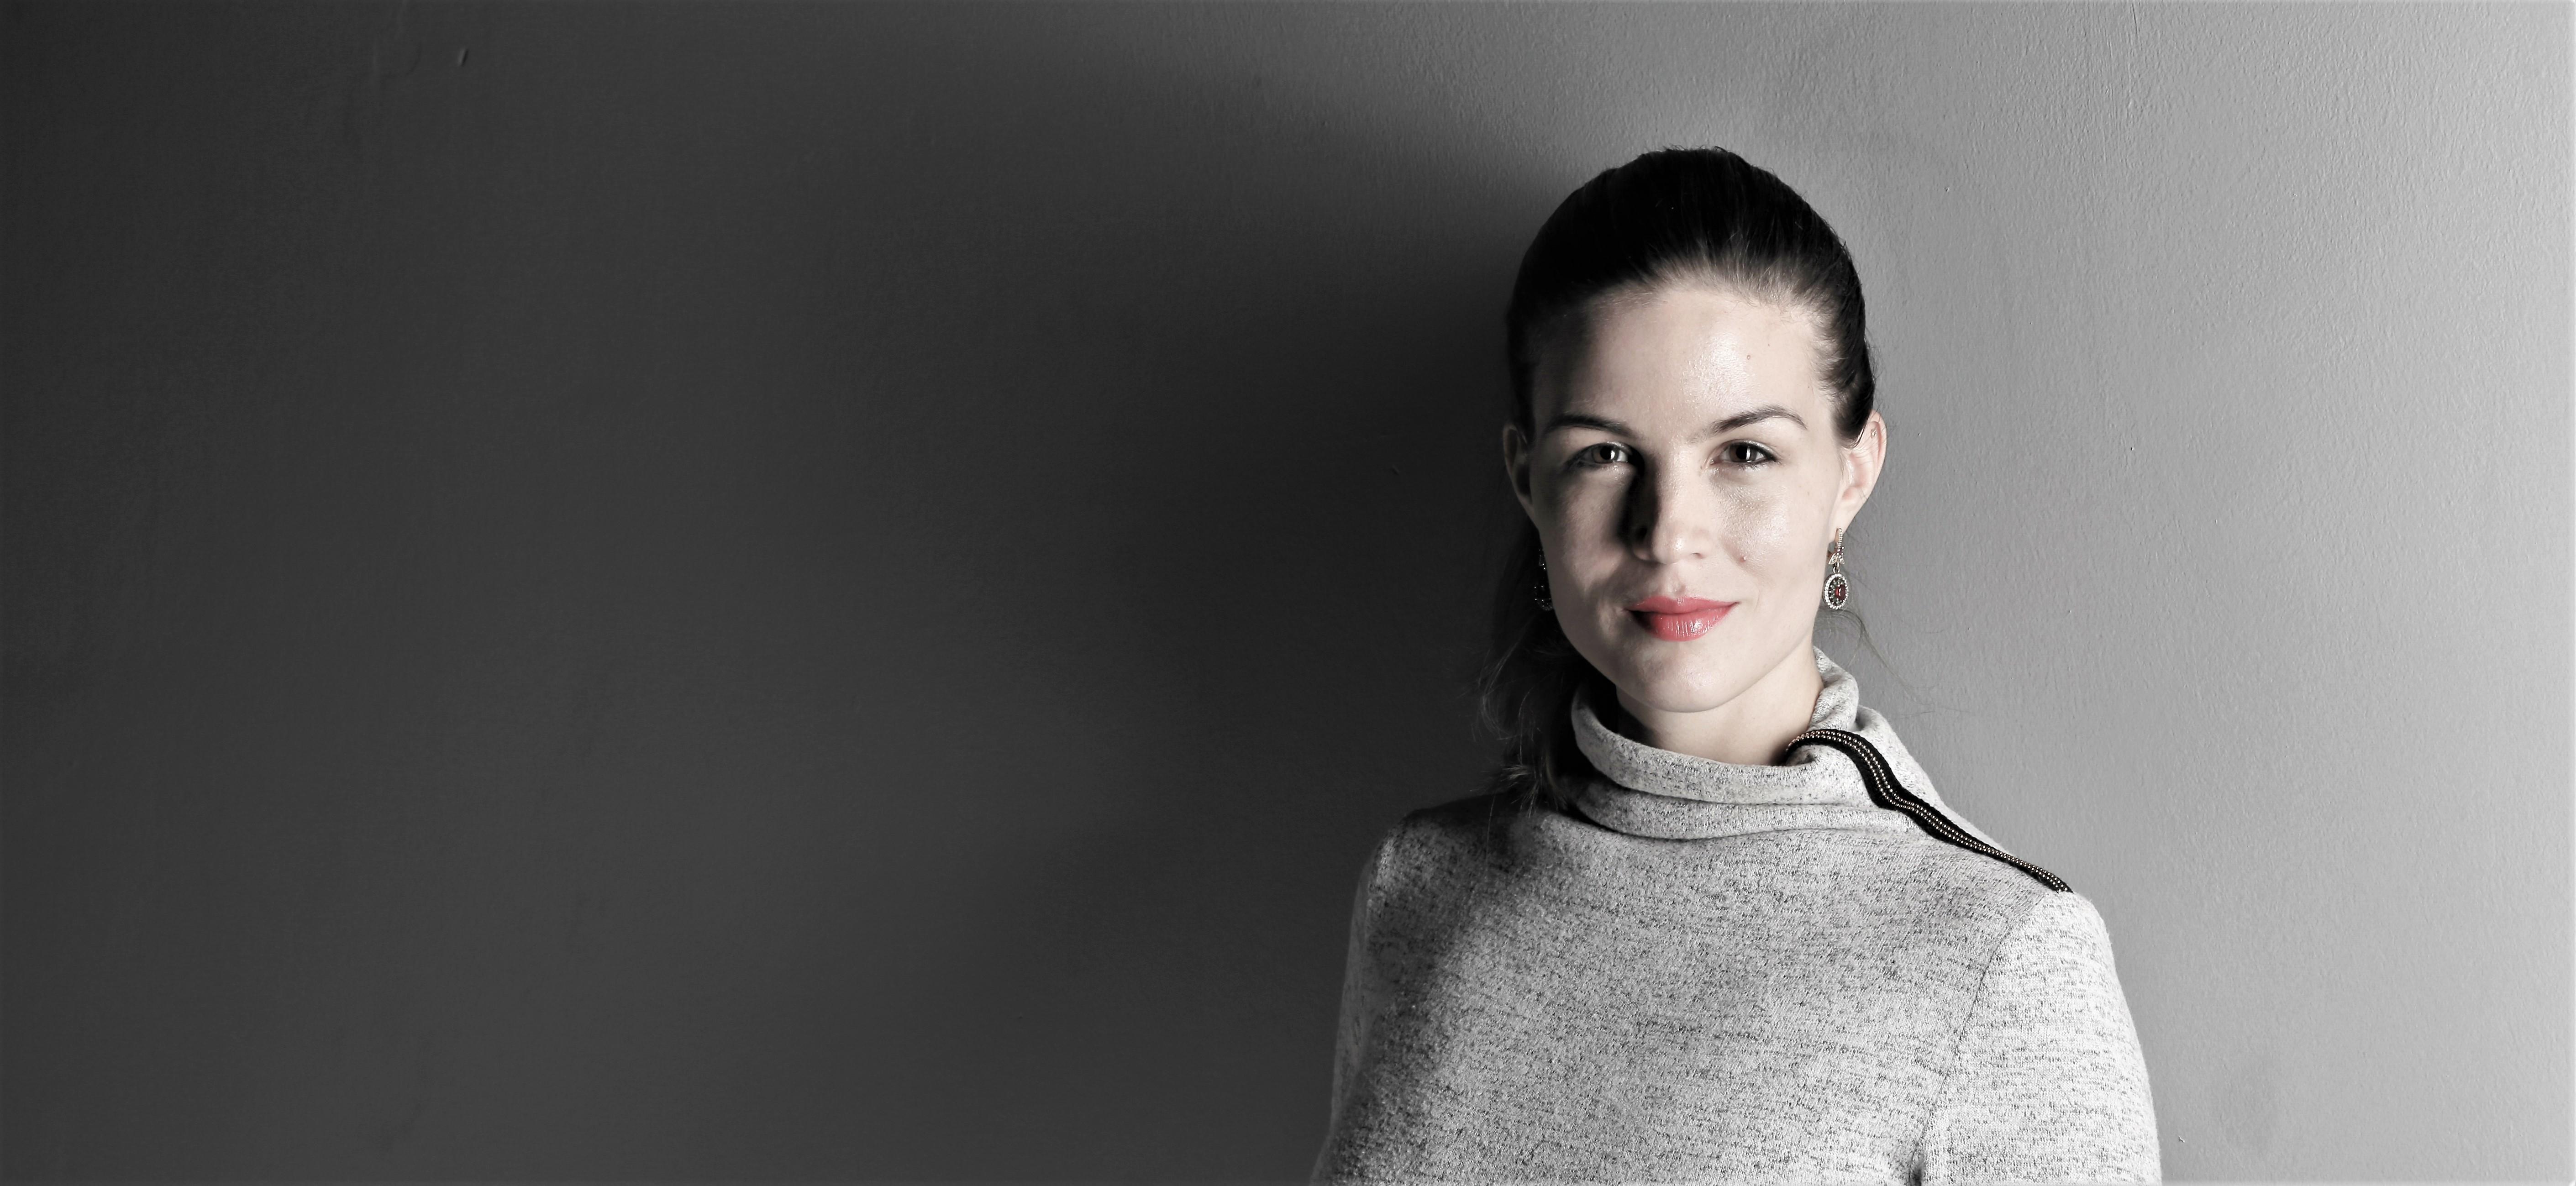 Anna Kovach